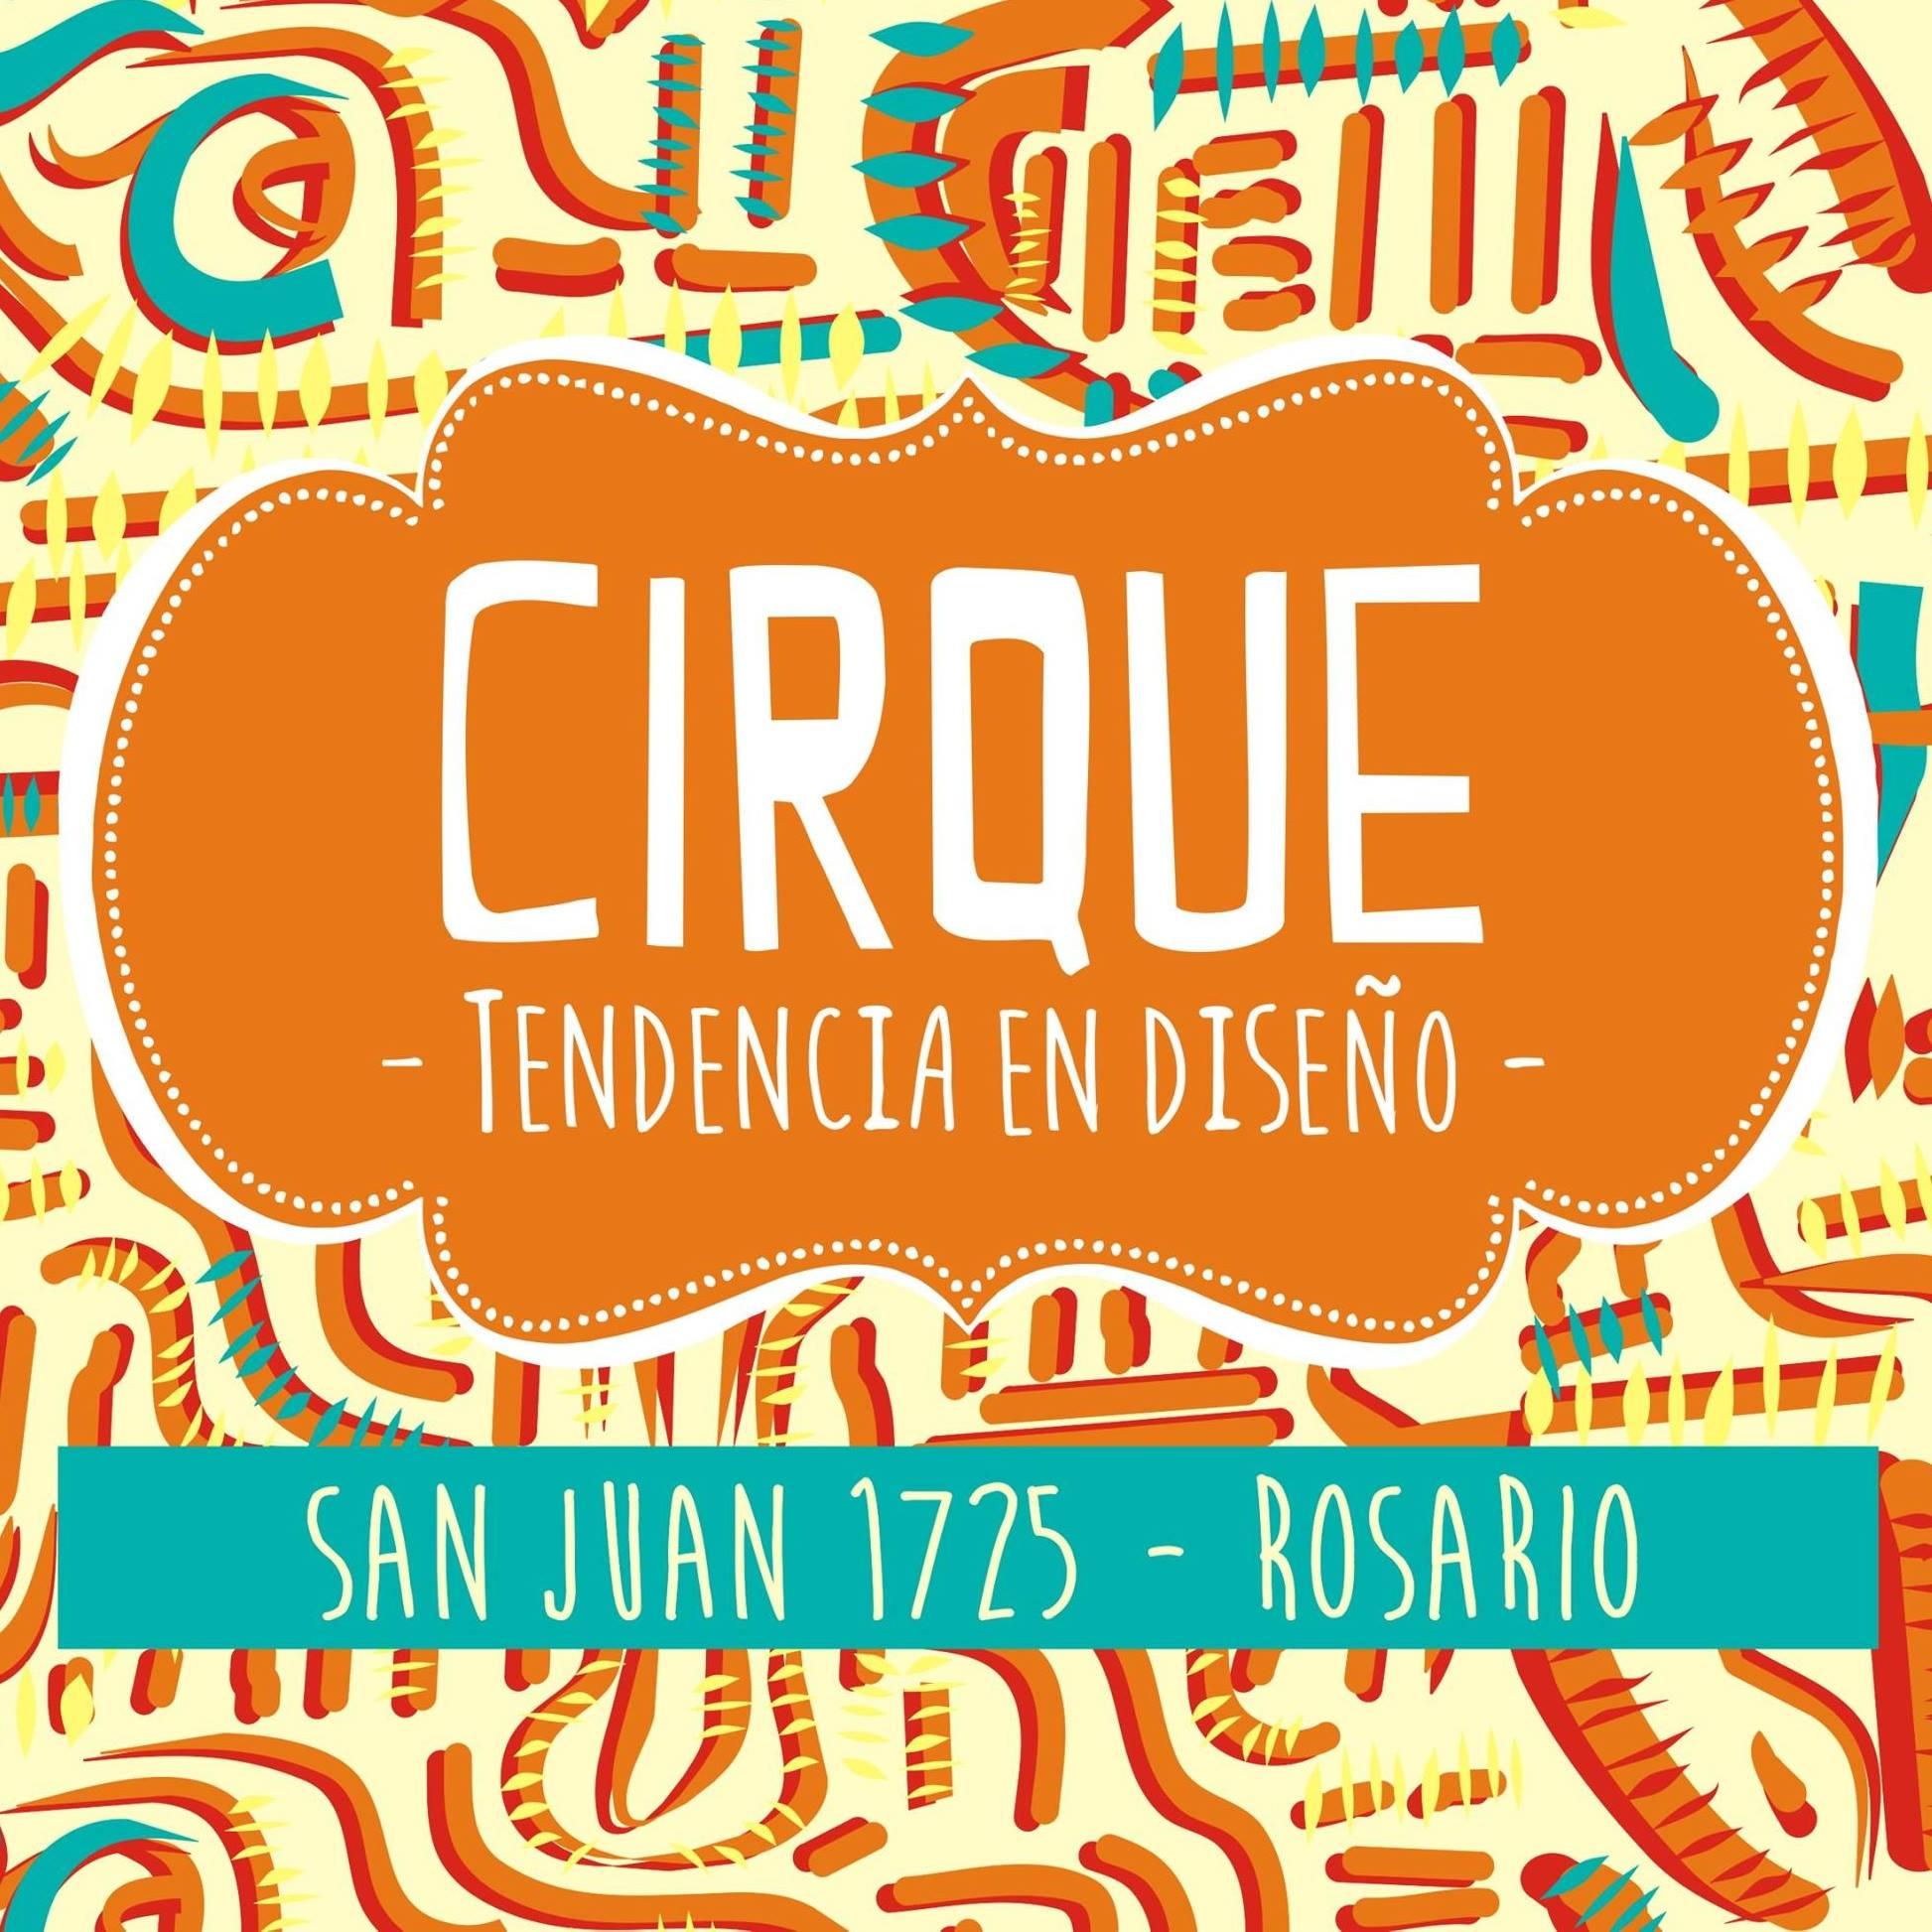 Logo de Cirque